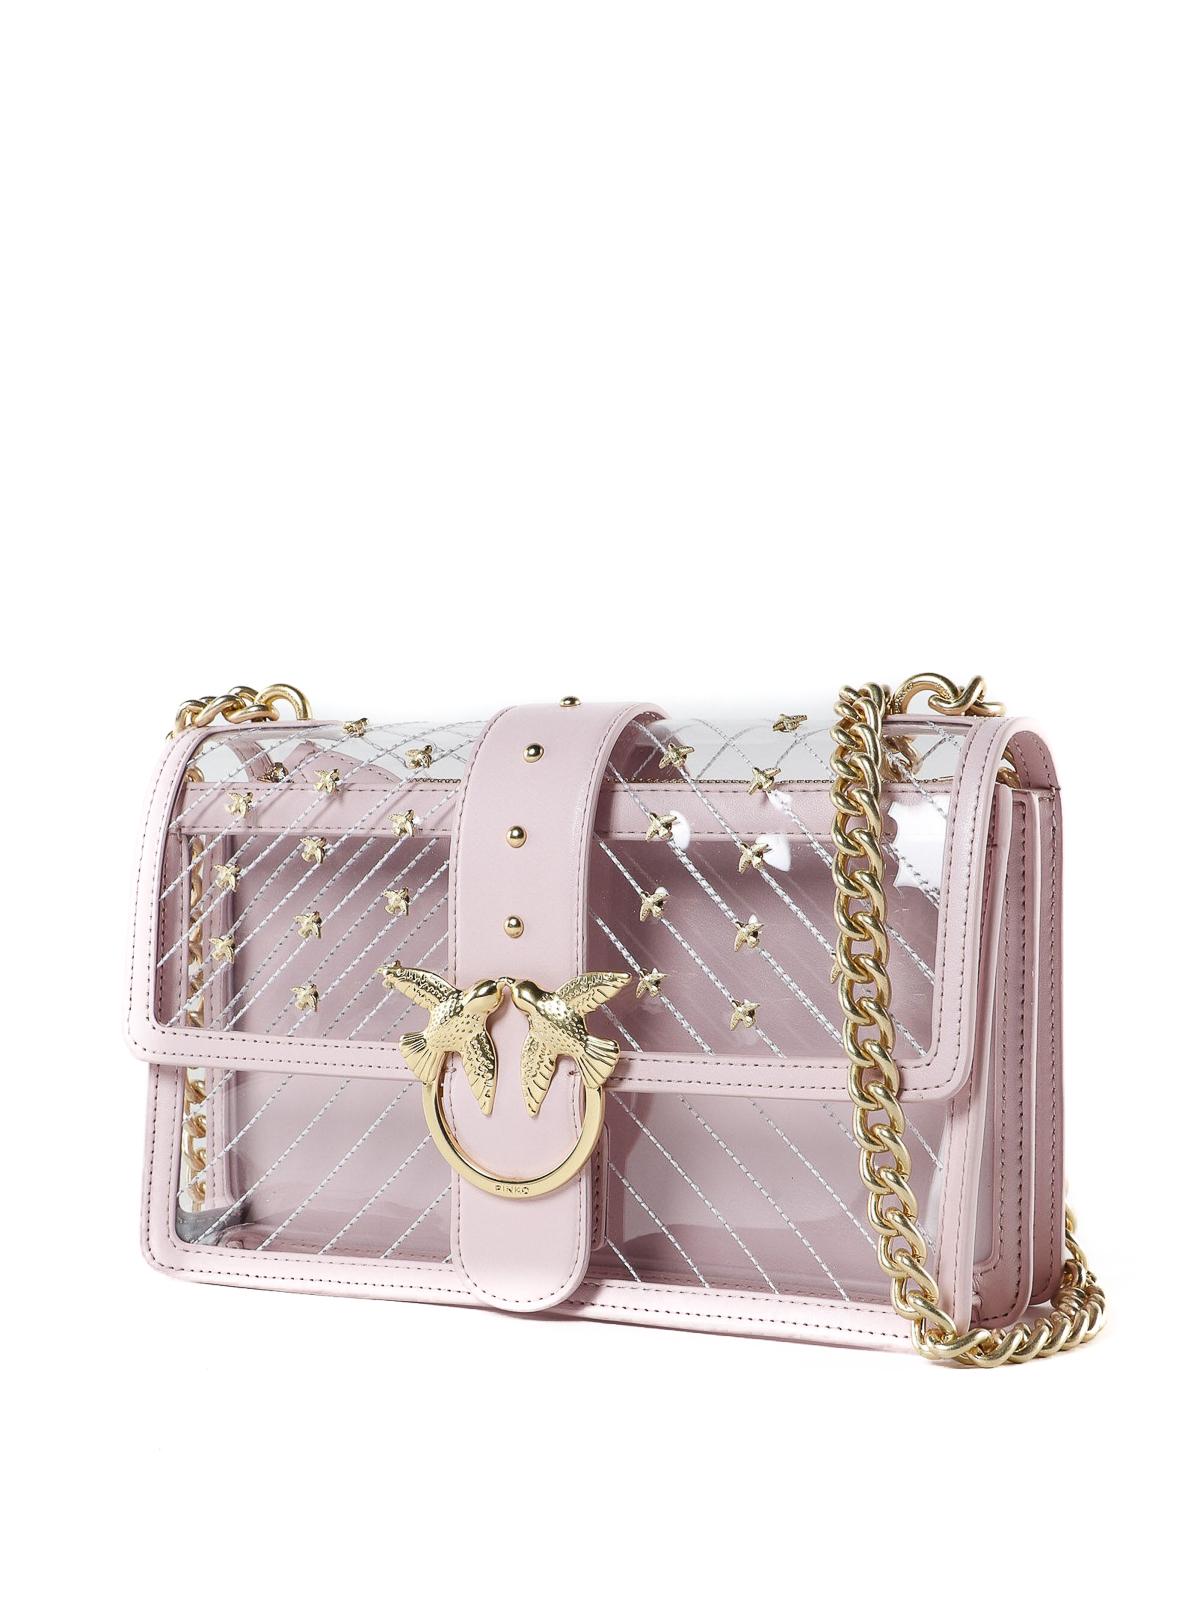 online store 6034f a2b97 Pinko - Love Bag in PVC trasparente - borse a tracolla ...